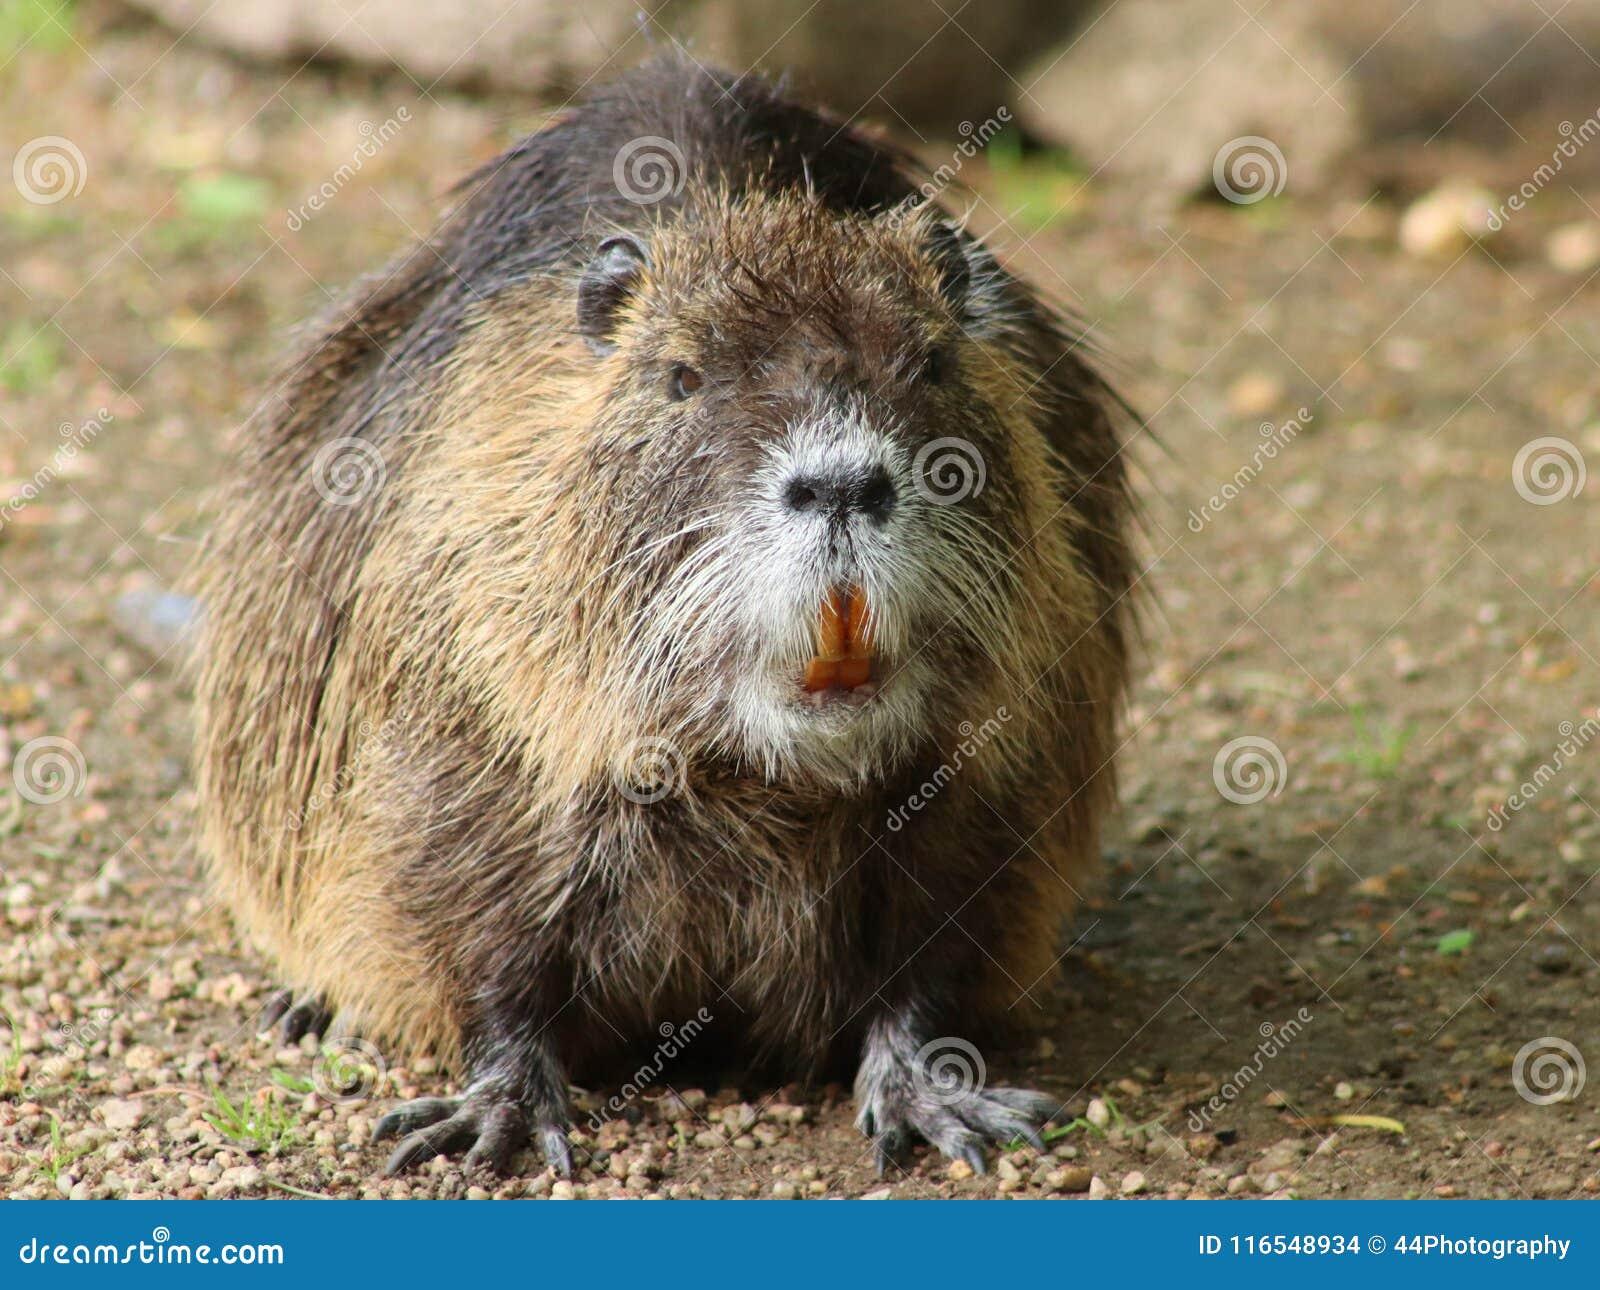 Retrato de un coypu grande, también conocido como el nutria